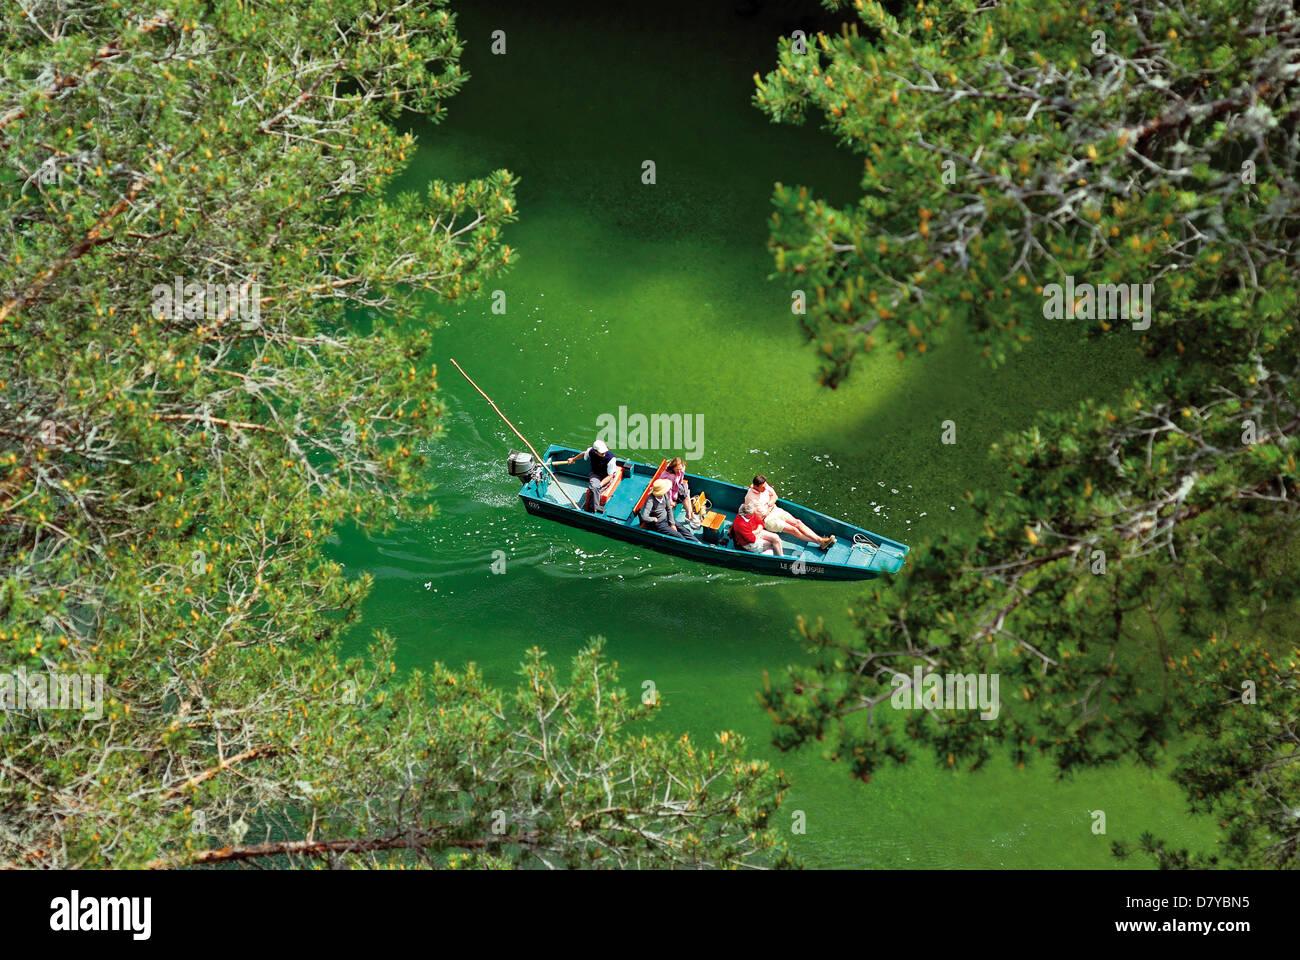 Francia, Midi-Pirineos: viaje en barco por el río Tarn con las visitas guiadas de Le Bateliers de La Malene, Imagen De Stock